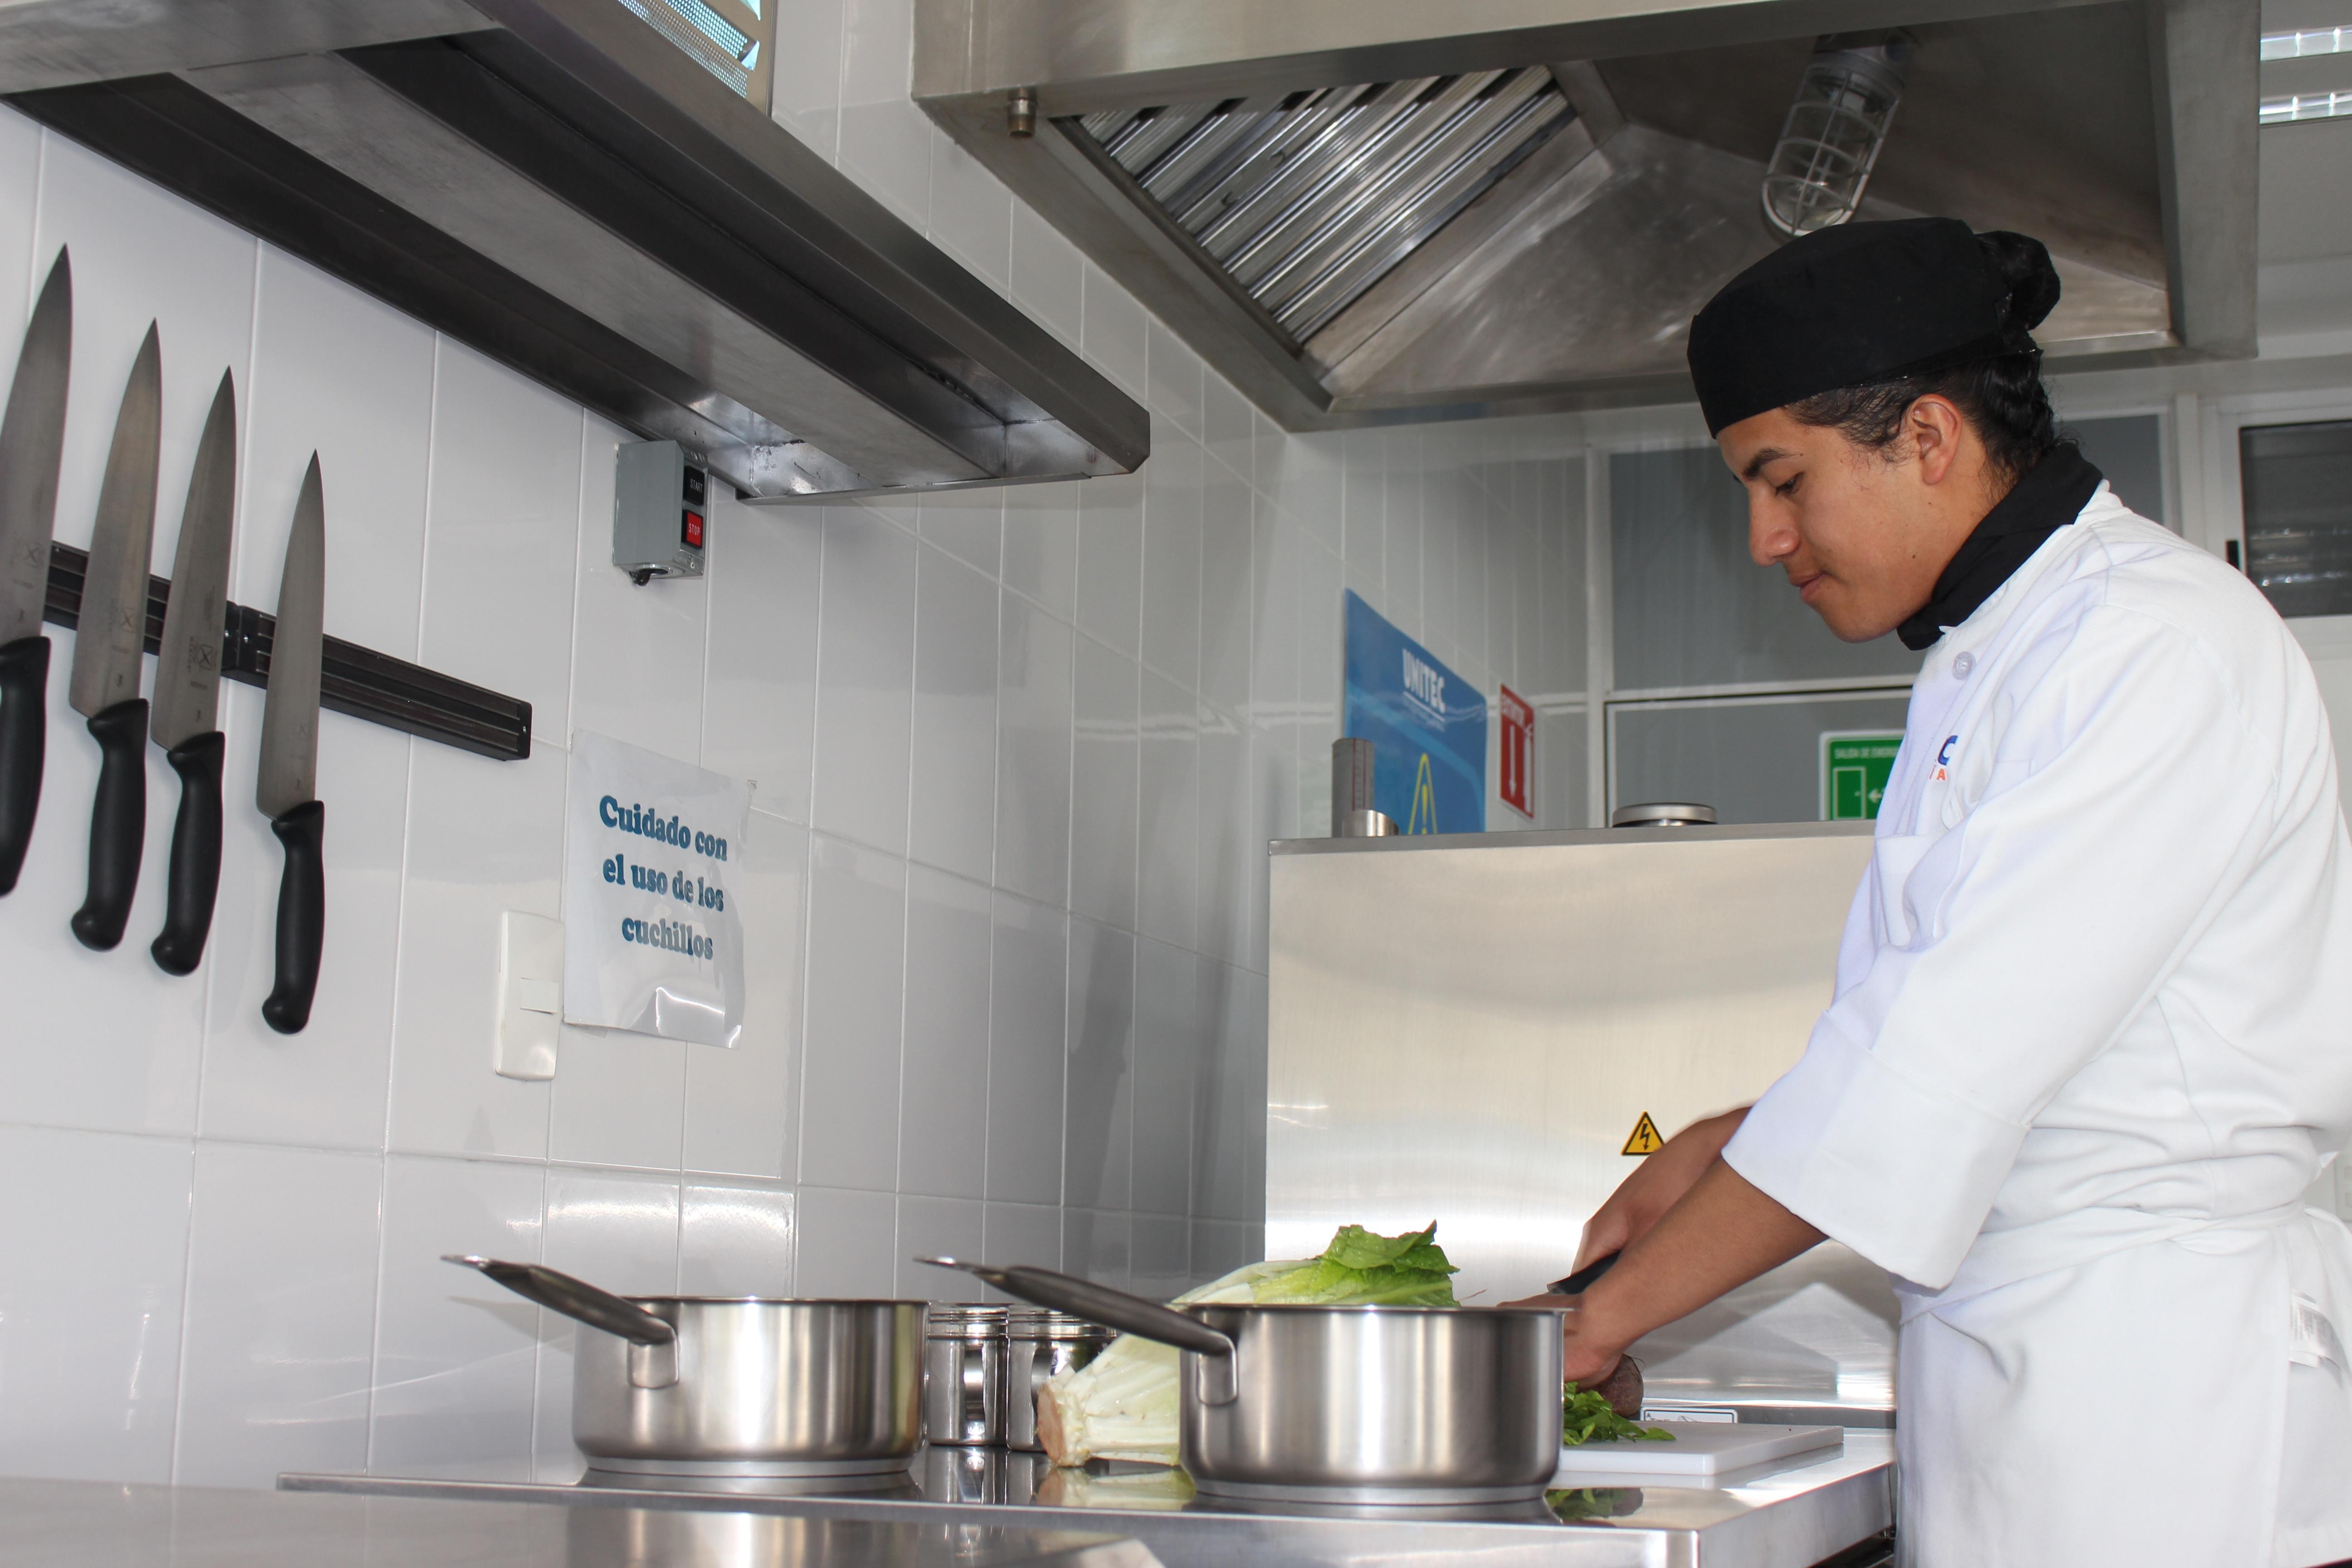 Estudiantes de Gastronomía ganadores de la Beca Richard Sandoval